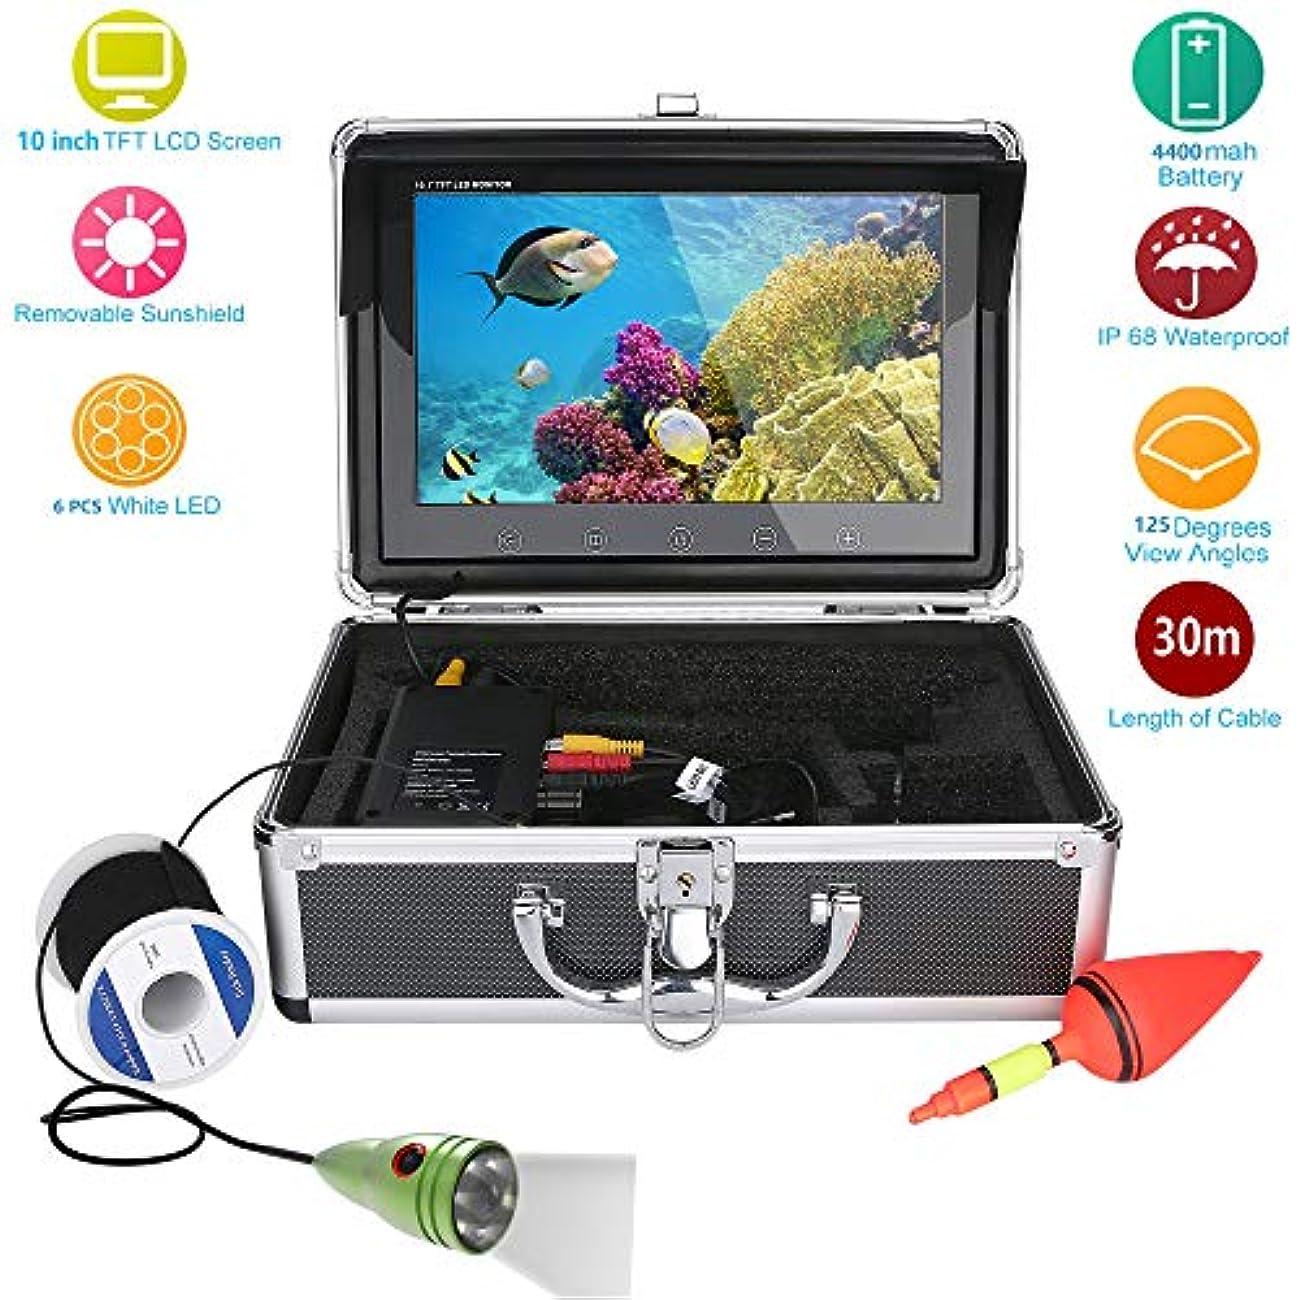 水中フィッシュファインダー HD 水中カメラ10インチ液晶モニター IP68 防水1000tvl 水中釣りカメラ (30m)